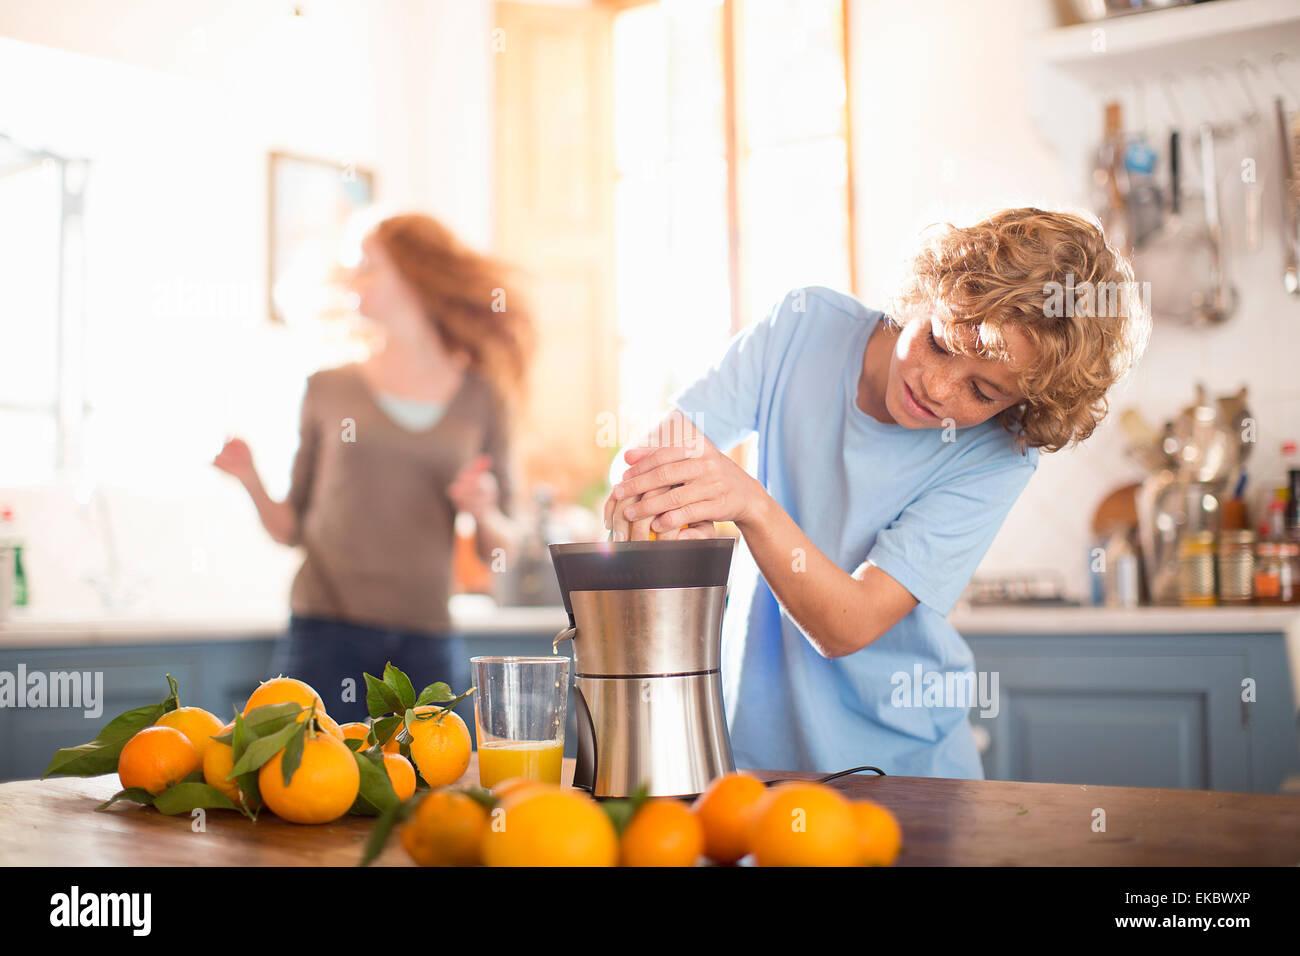 Ragazzo adolescente a spremere il succo arancia in cucina Immagini Stock